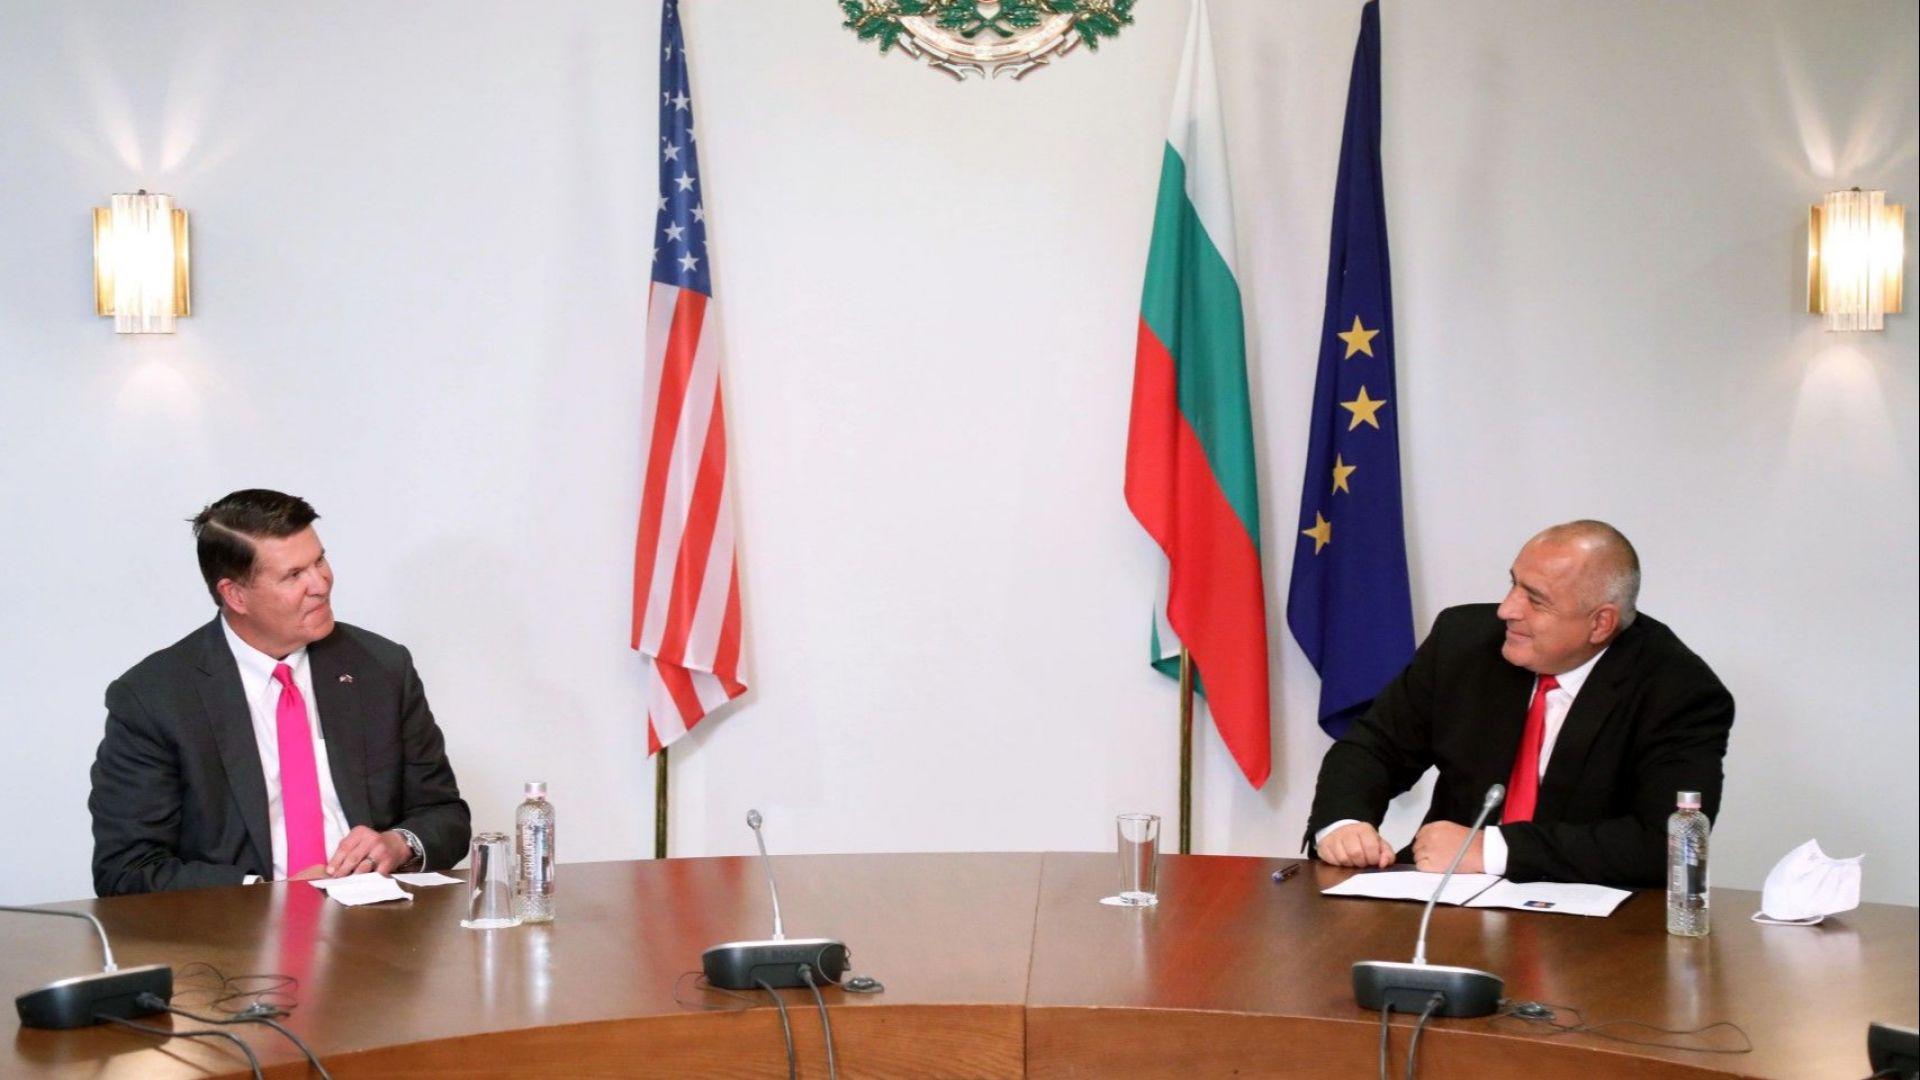 САЩ са готови да подпишат декларация за разбирателство с България в областта на 5G мрежата